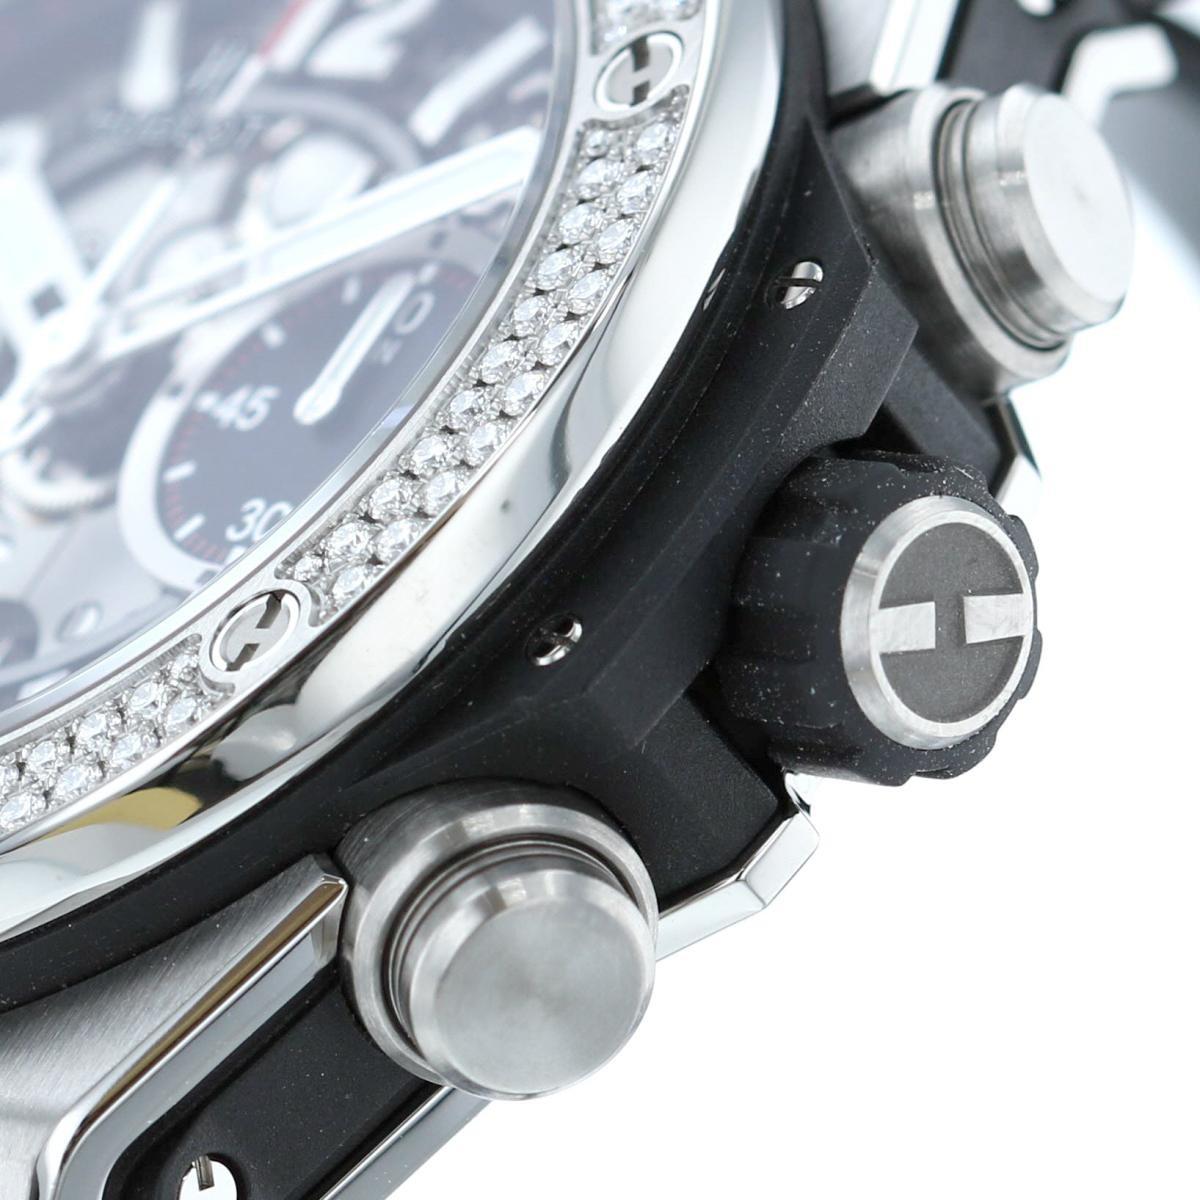 【中古】 HUBLOT (ウブロ) ビッグバン ウニコ チタニウム ダイヤモンド 時計 自動巻き/メンズ  Black 441.NX.1170.RX.1104 used:A